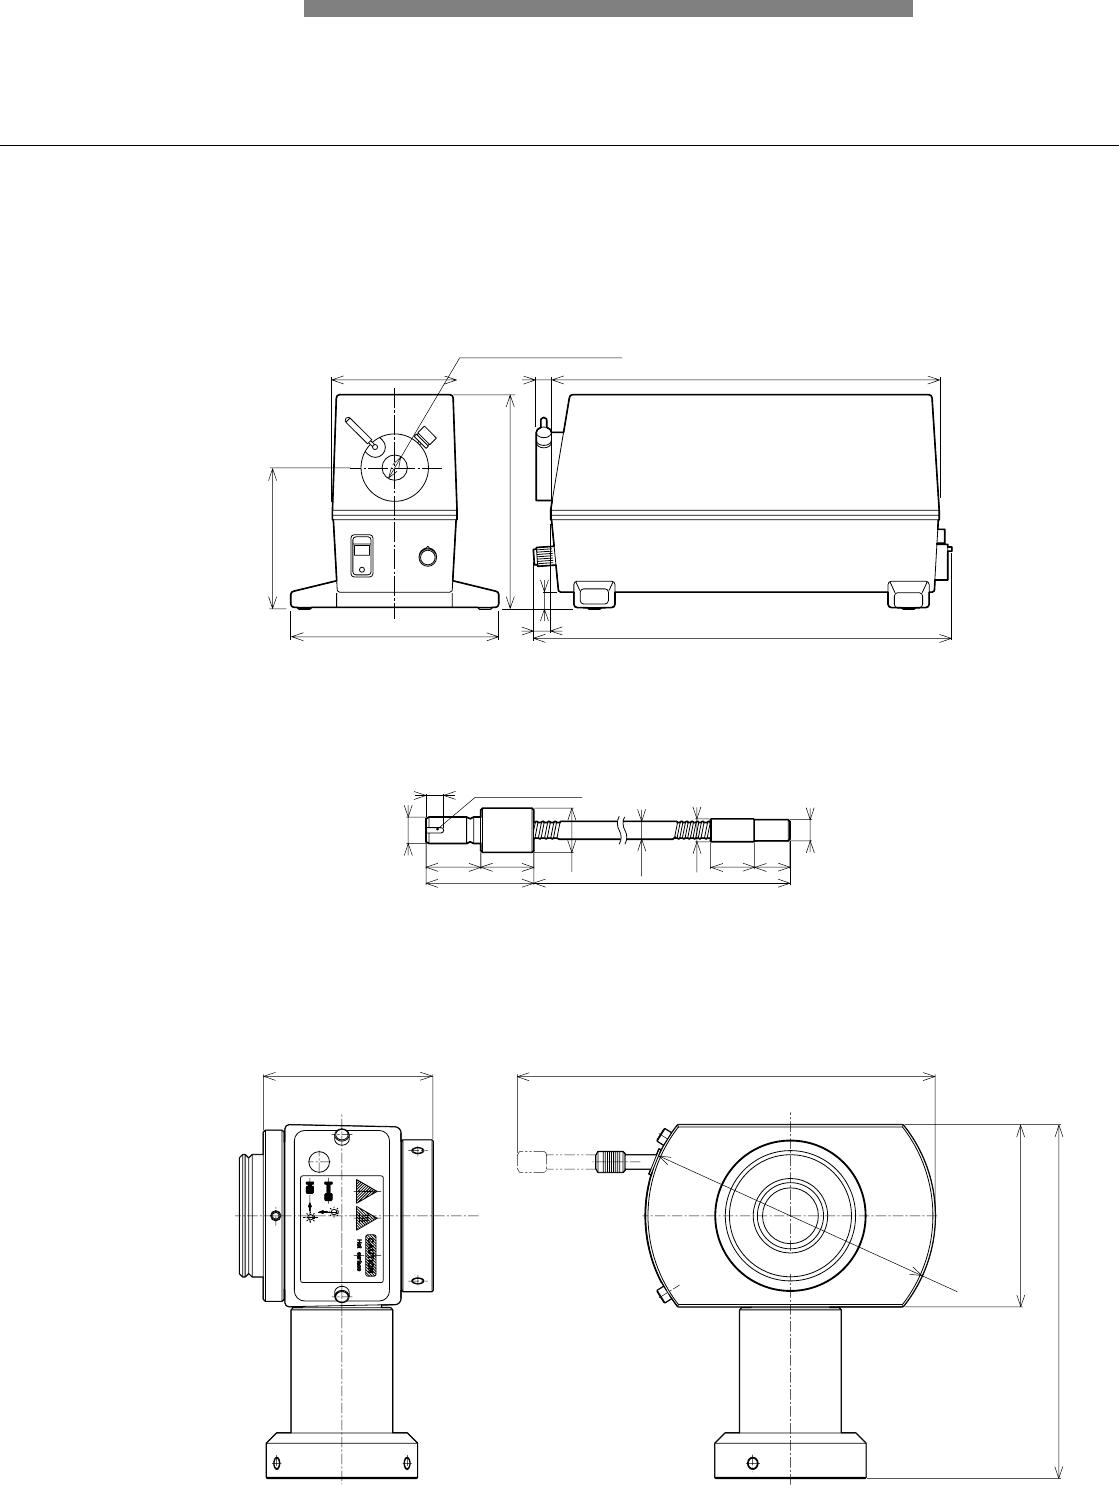 Olympus Compo E 08 2 User Manual F Dd 4a99